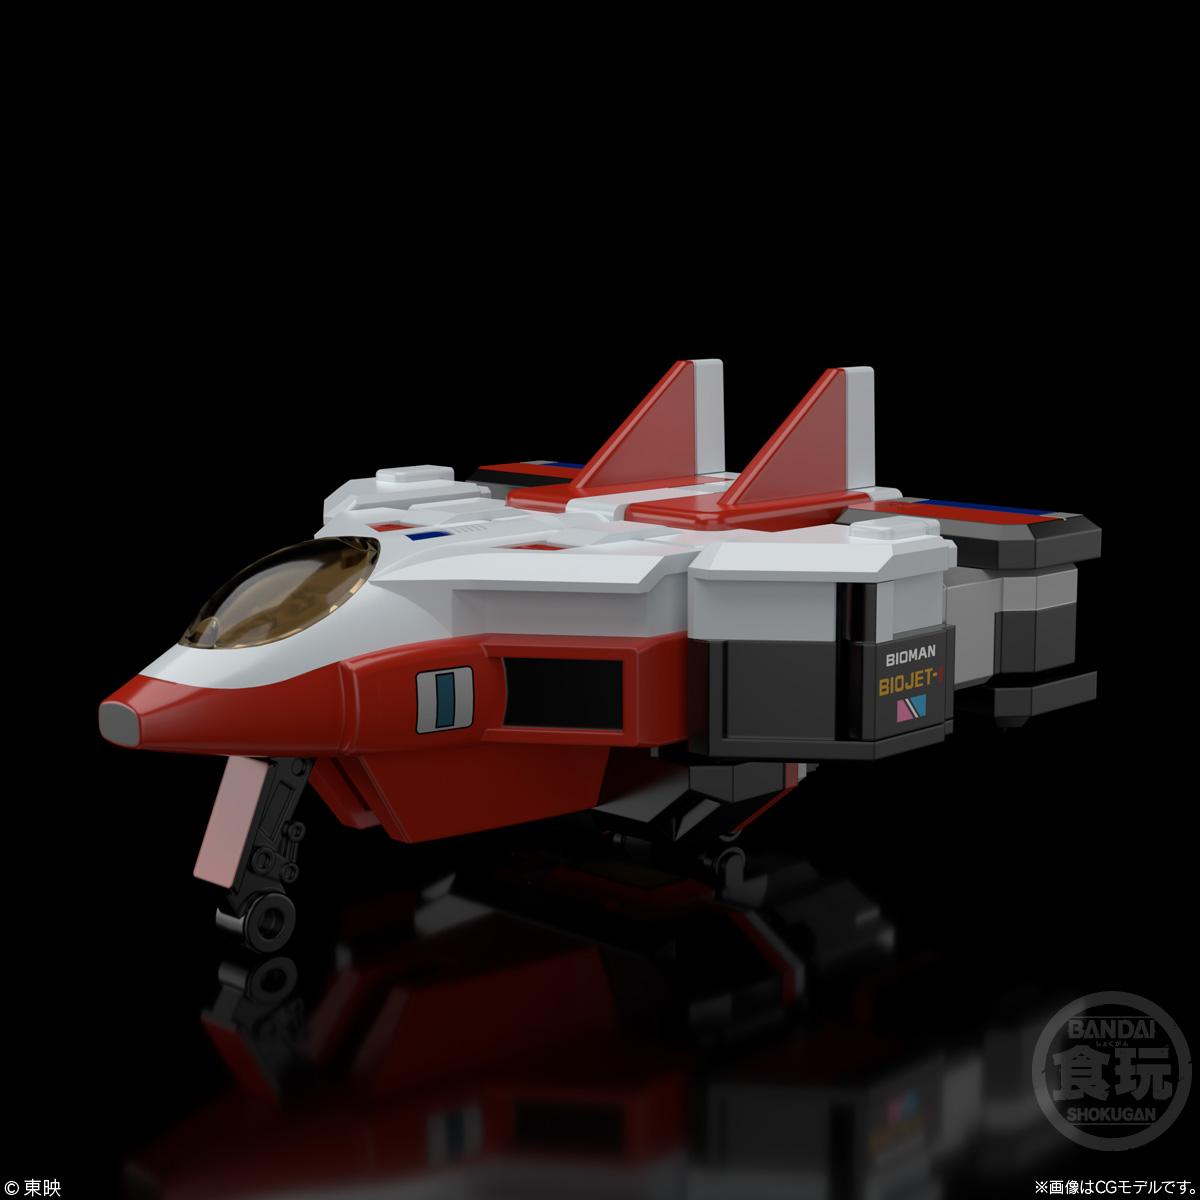 【食玩】スーパーミニプラ『電子合体 バイオロボ』超電子バイオマン 2個入りBOX-006